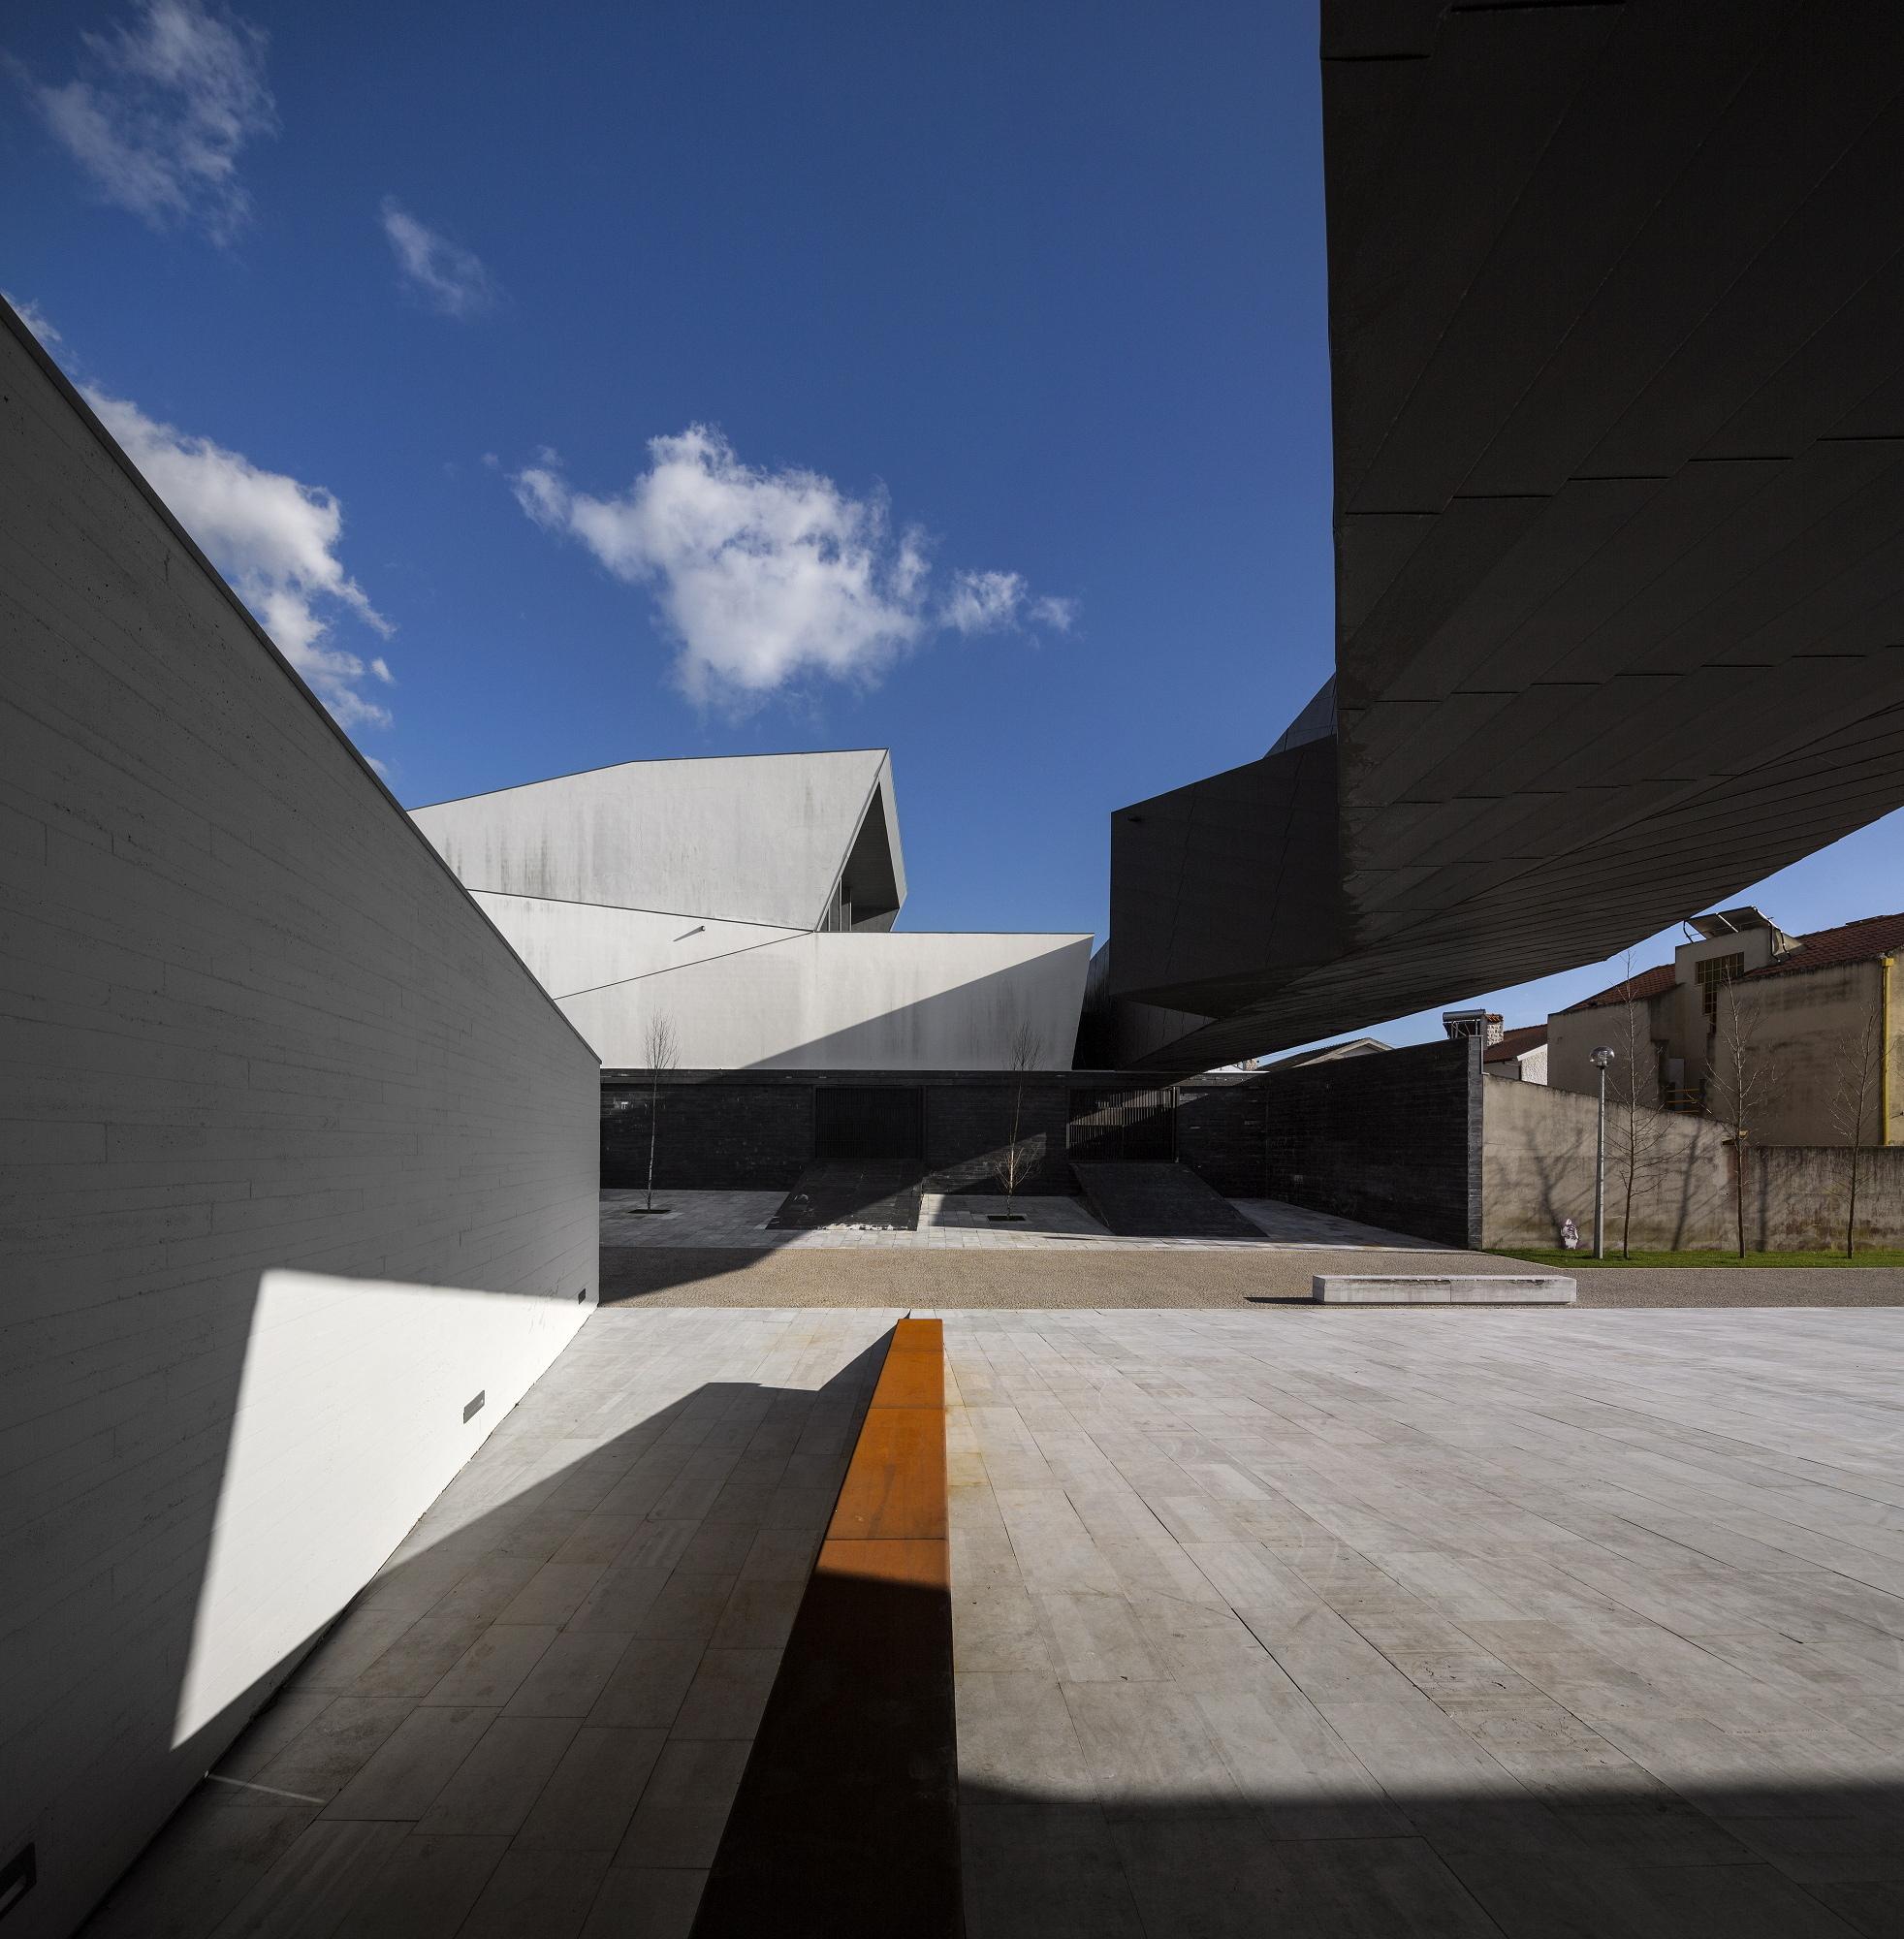 Arquivo fotografias de arquitetura de fg sg archdaily - Fotografia arquitectura ...